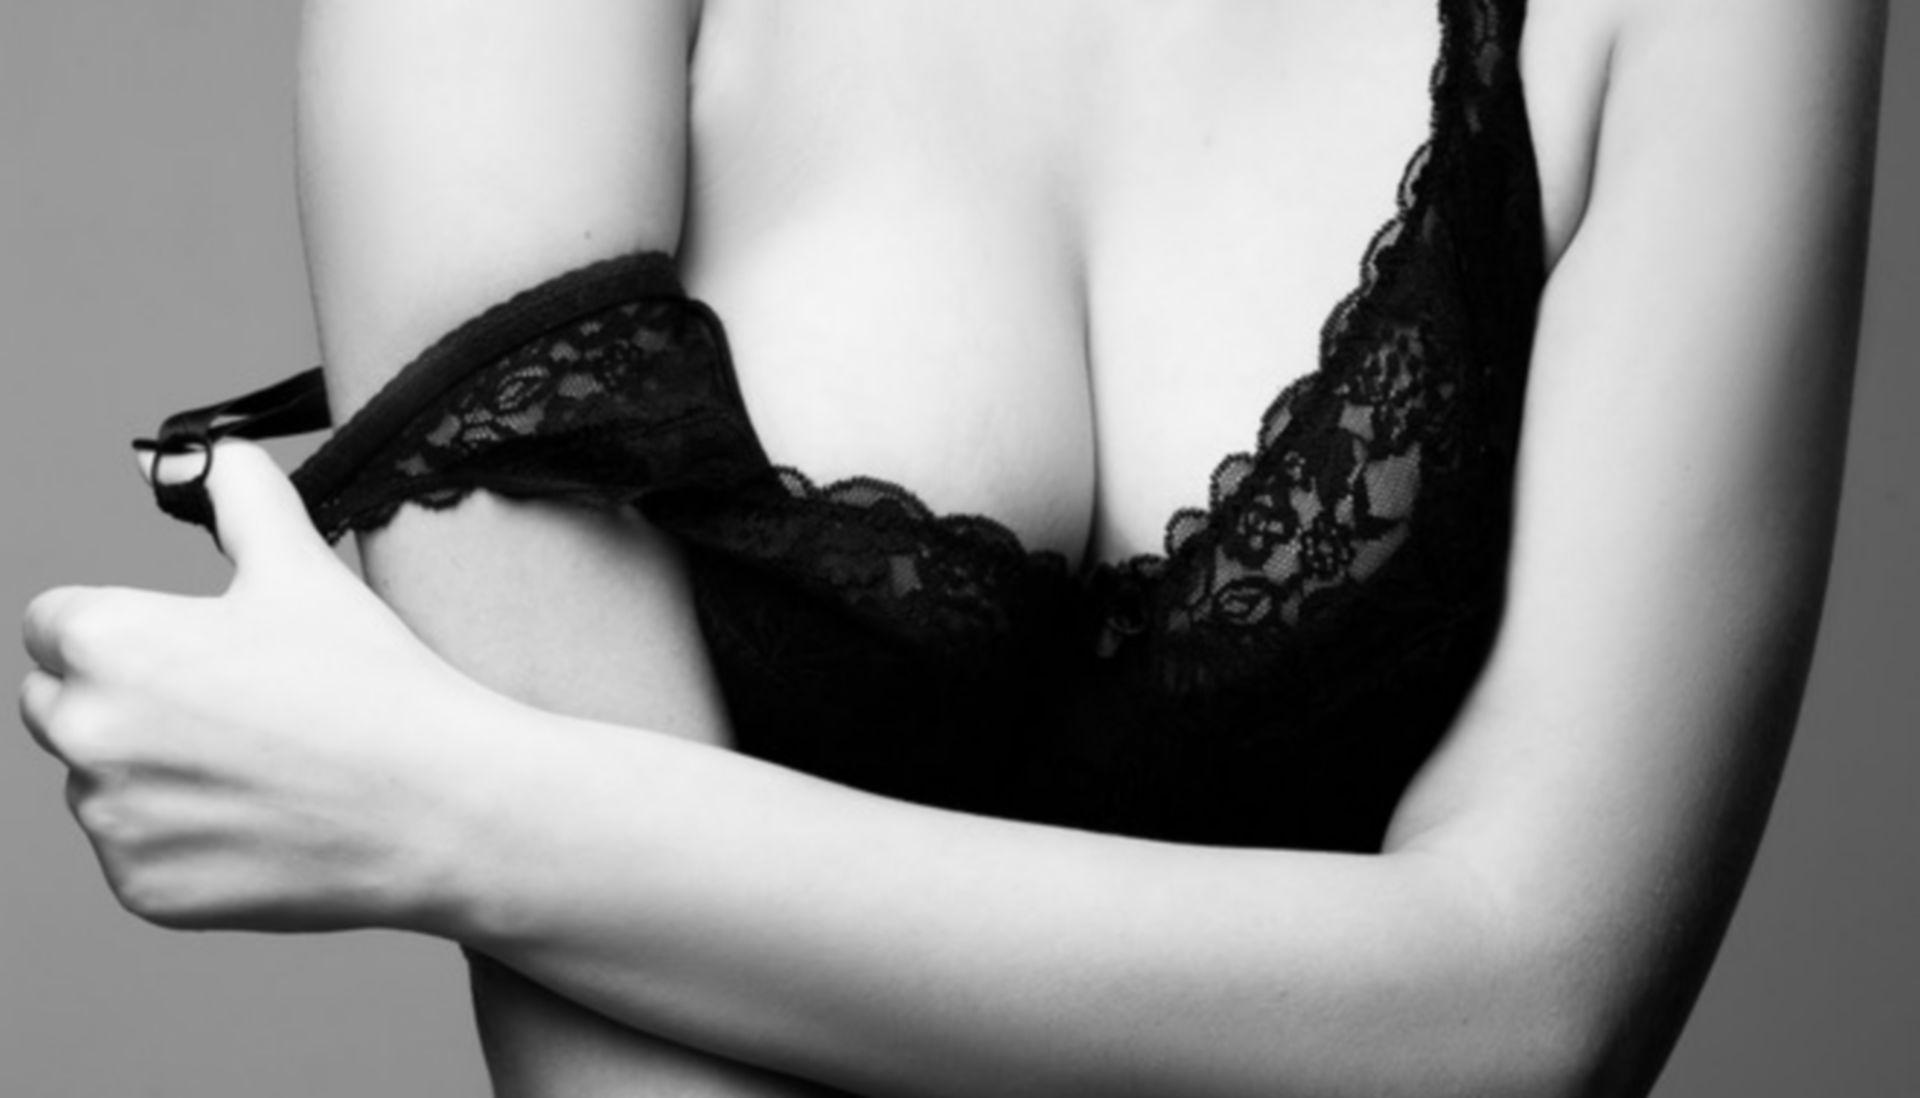 zarobki prostytutek